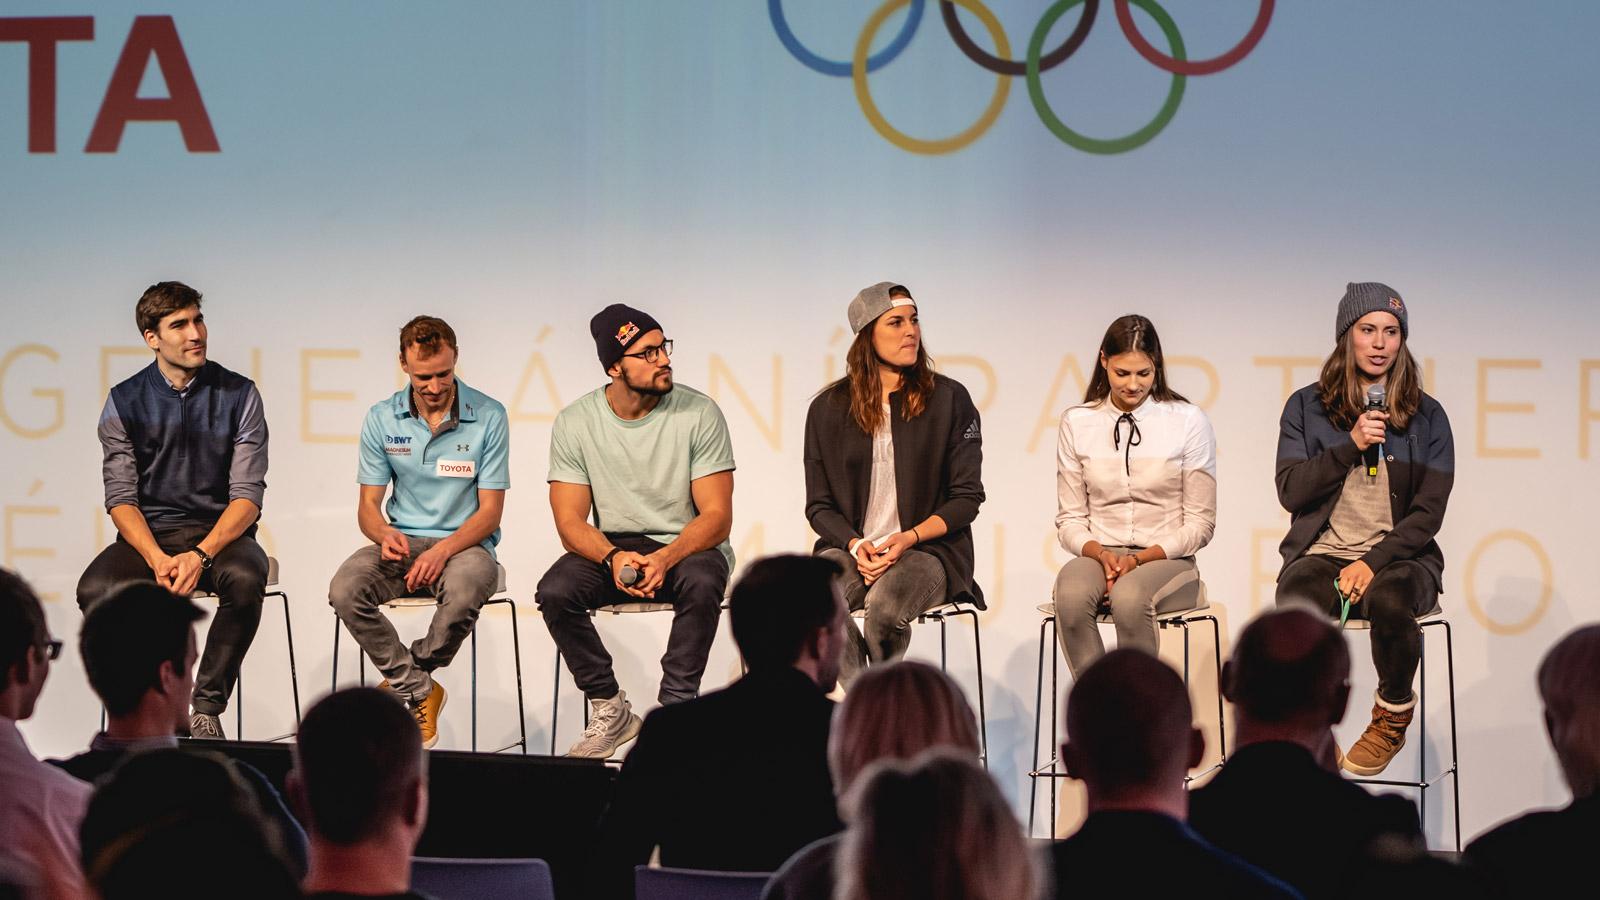 olympijské připojení stránky psaní dobré zprávy online datování